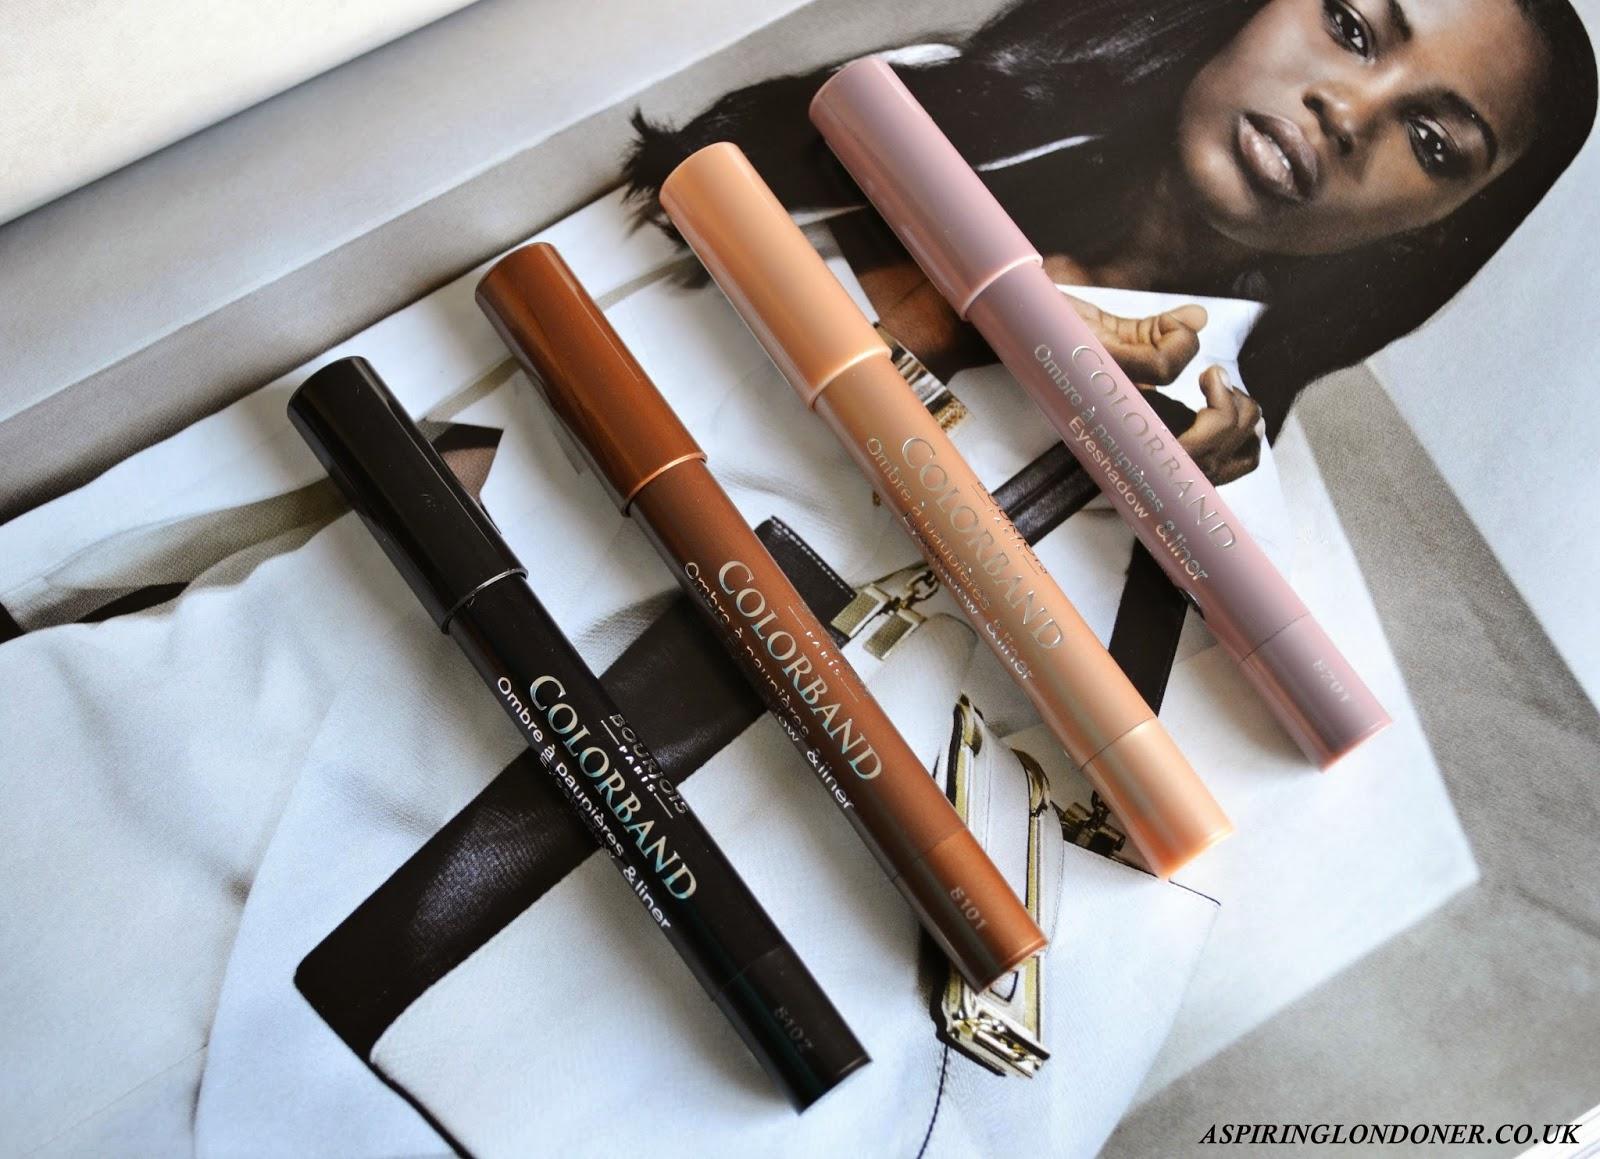 Bourjois Colorband 2-in-1 Eyeshadow & Liner Review - Aspiring Londoner